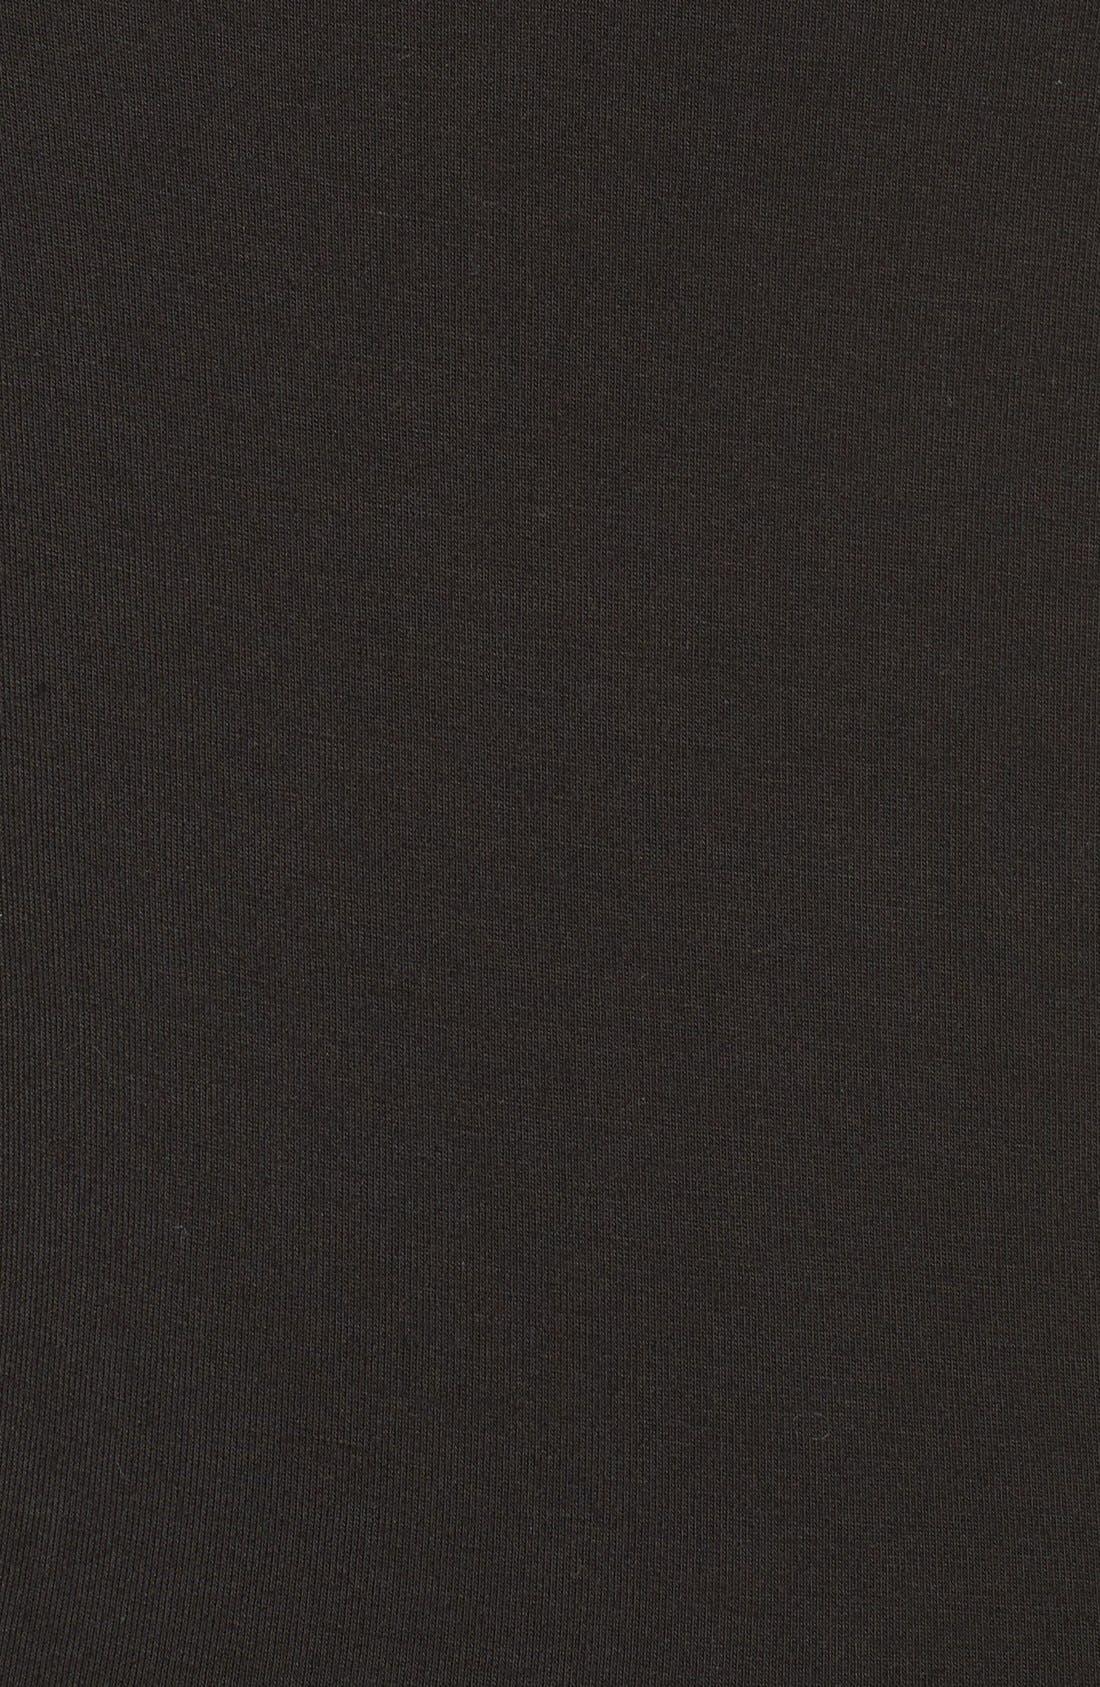 Cover-Up Jumpsuit,                             Alternate thumbnail 5, color,                             Black